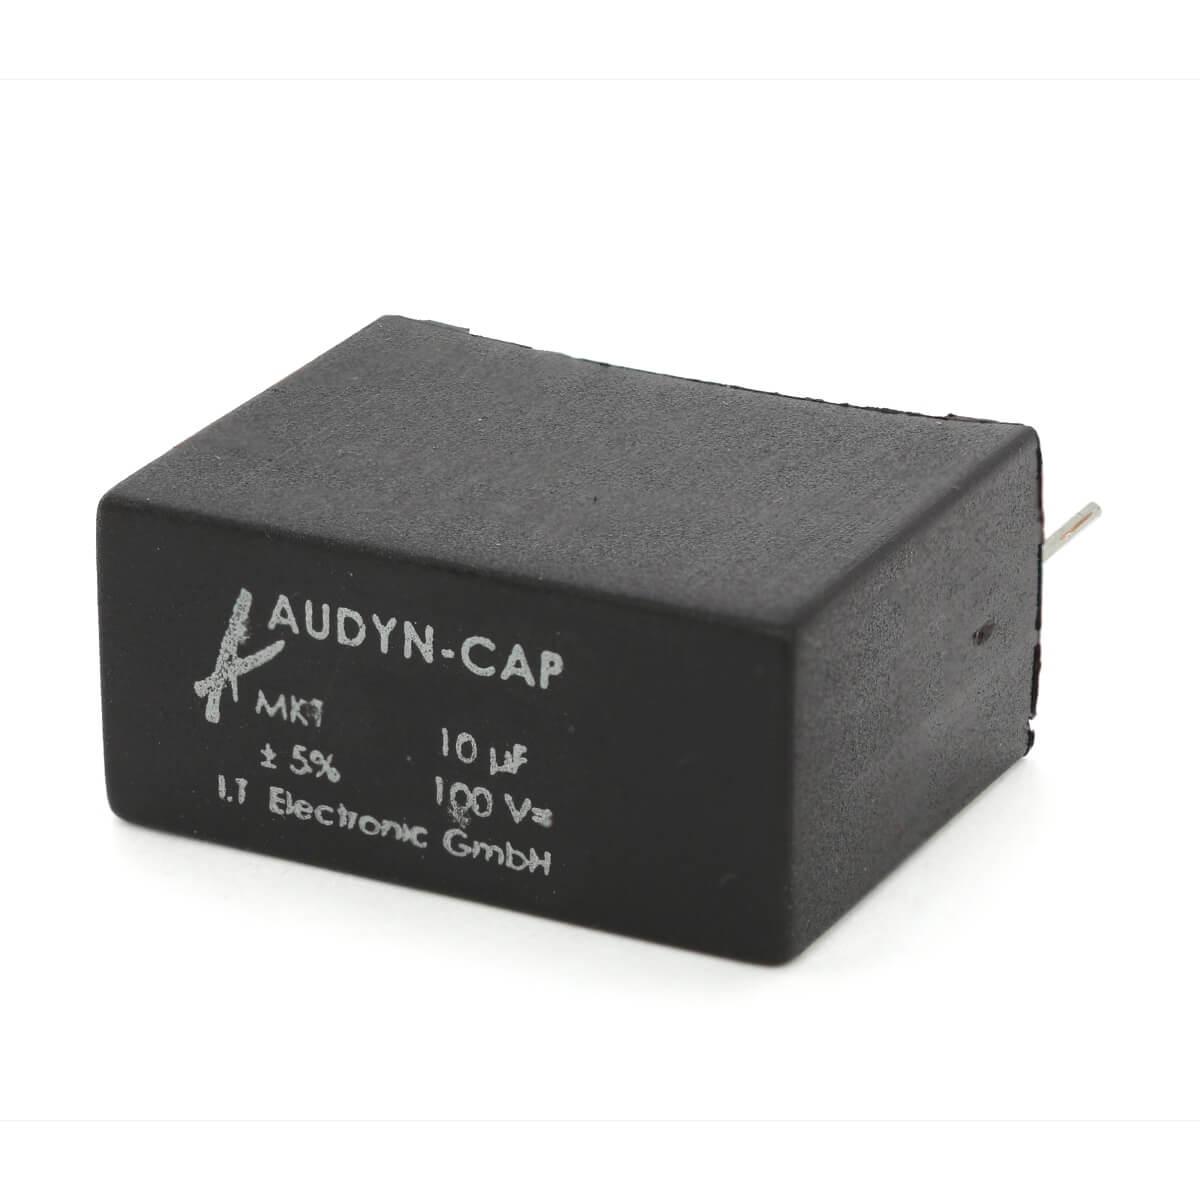 AUDYN CAP Condensateur MKT Radial 100V 1.5µF